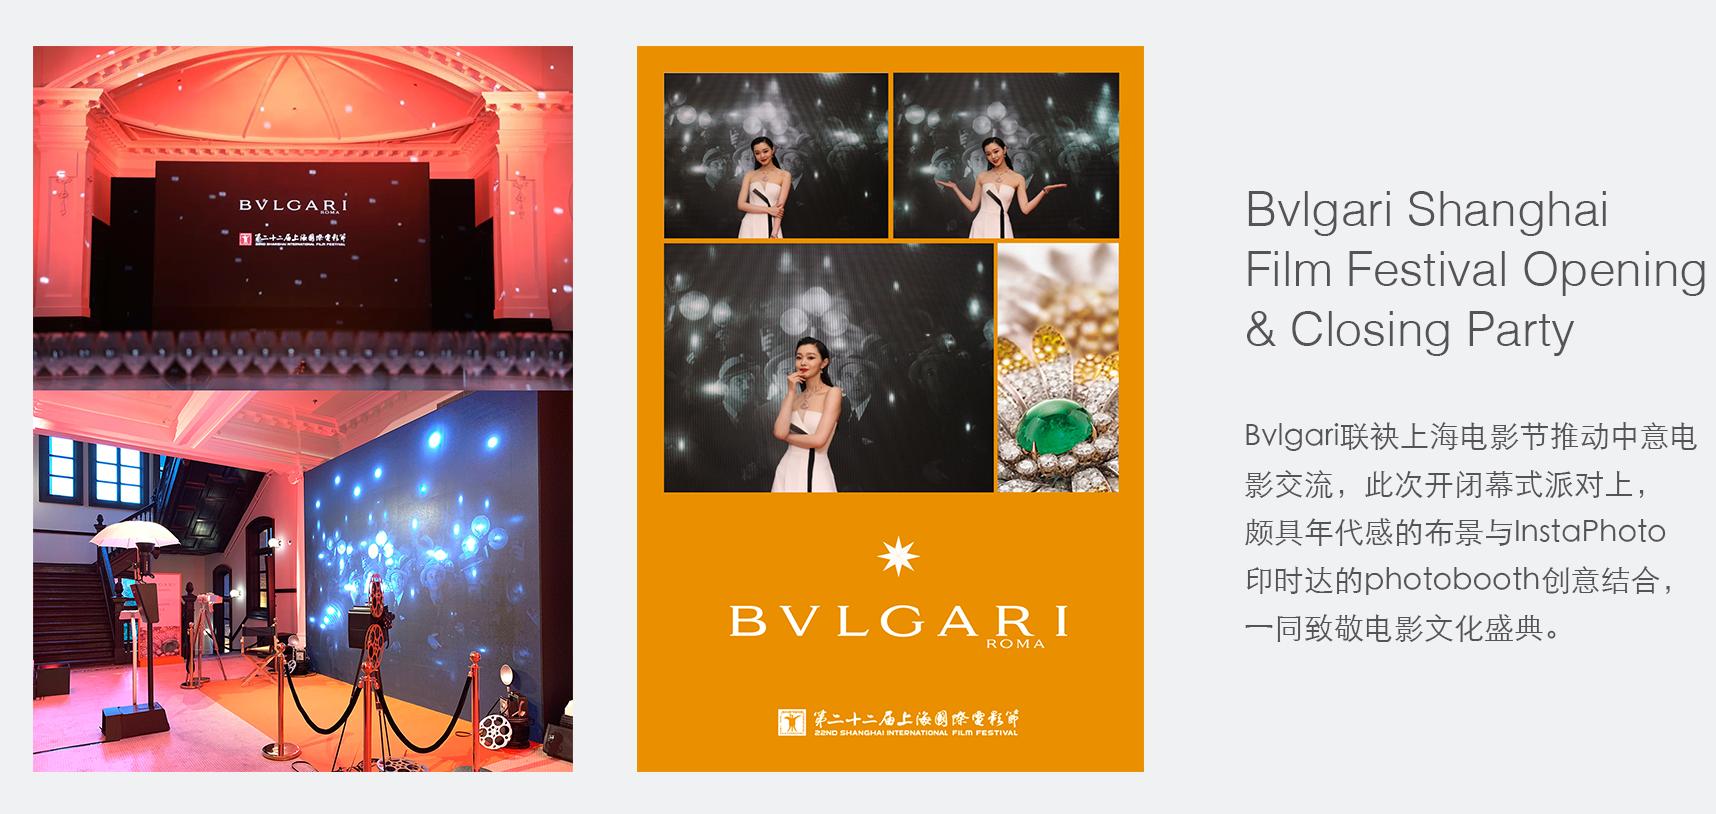 bvlgari0911 ch.png